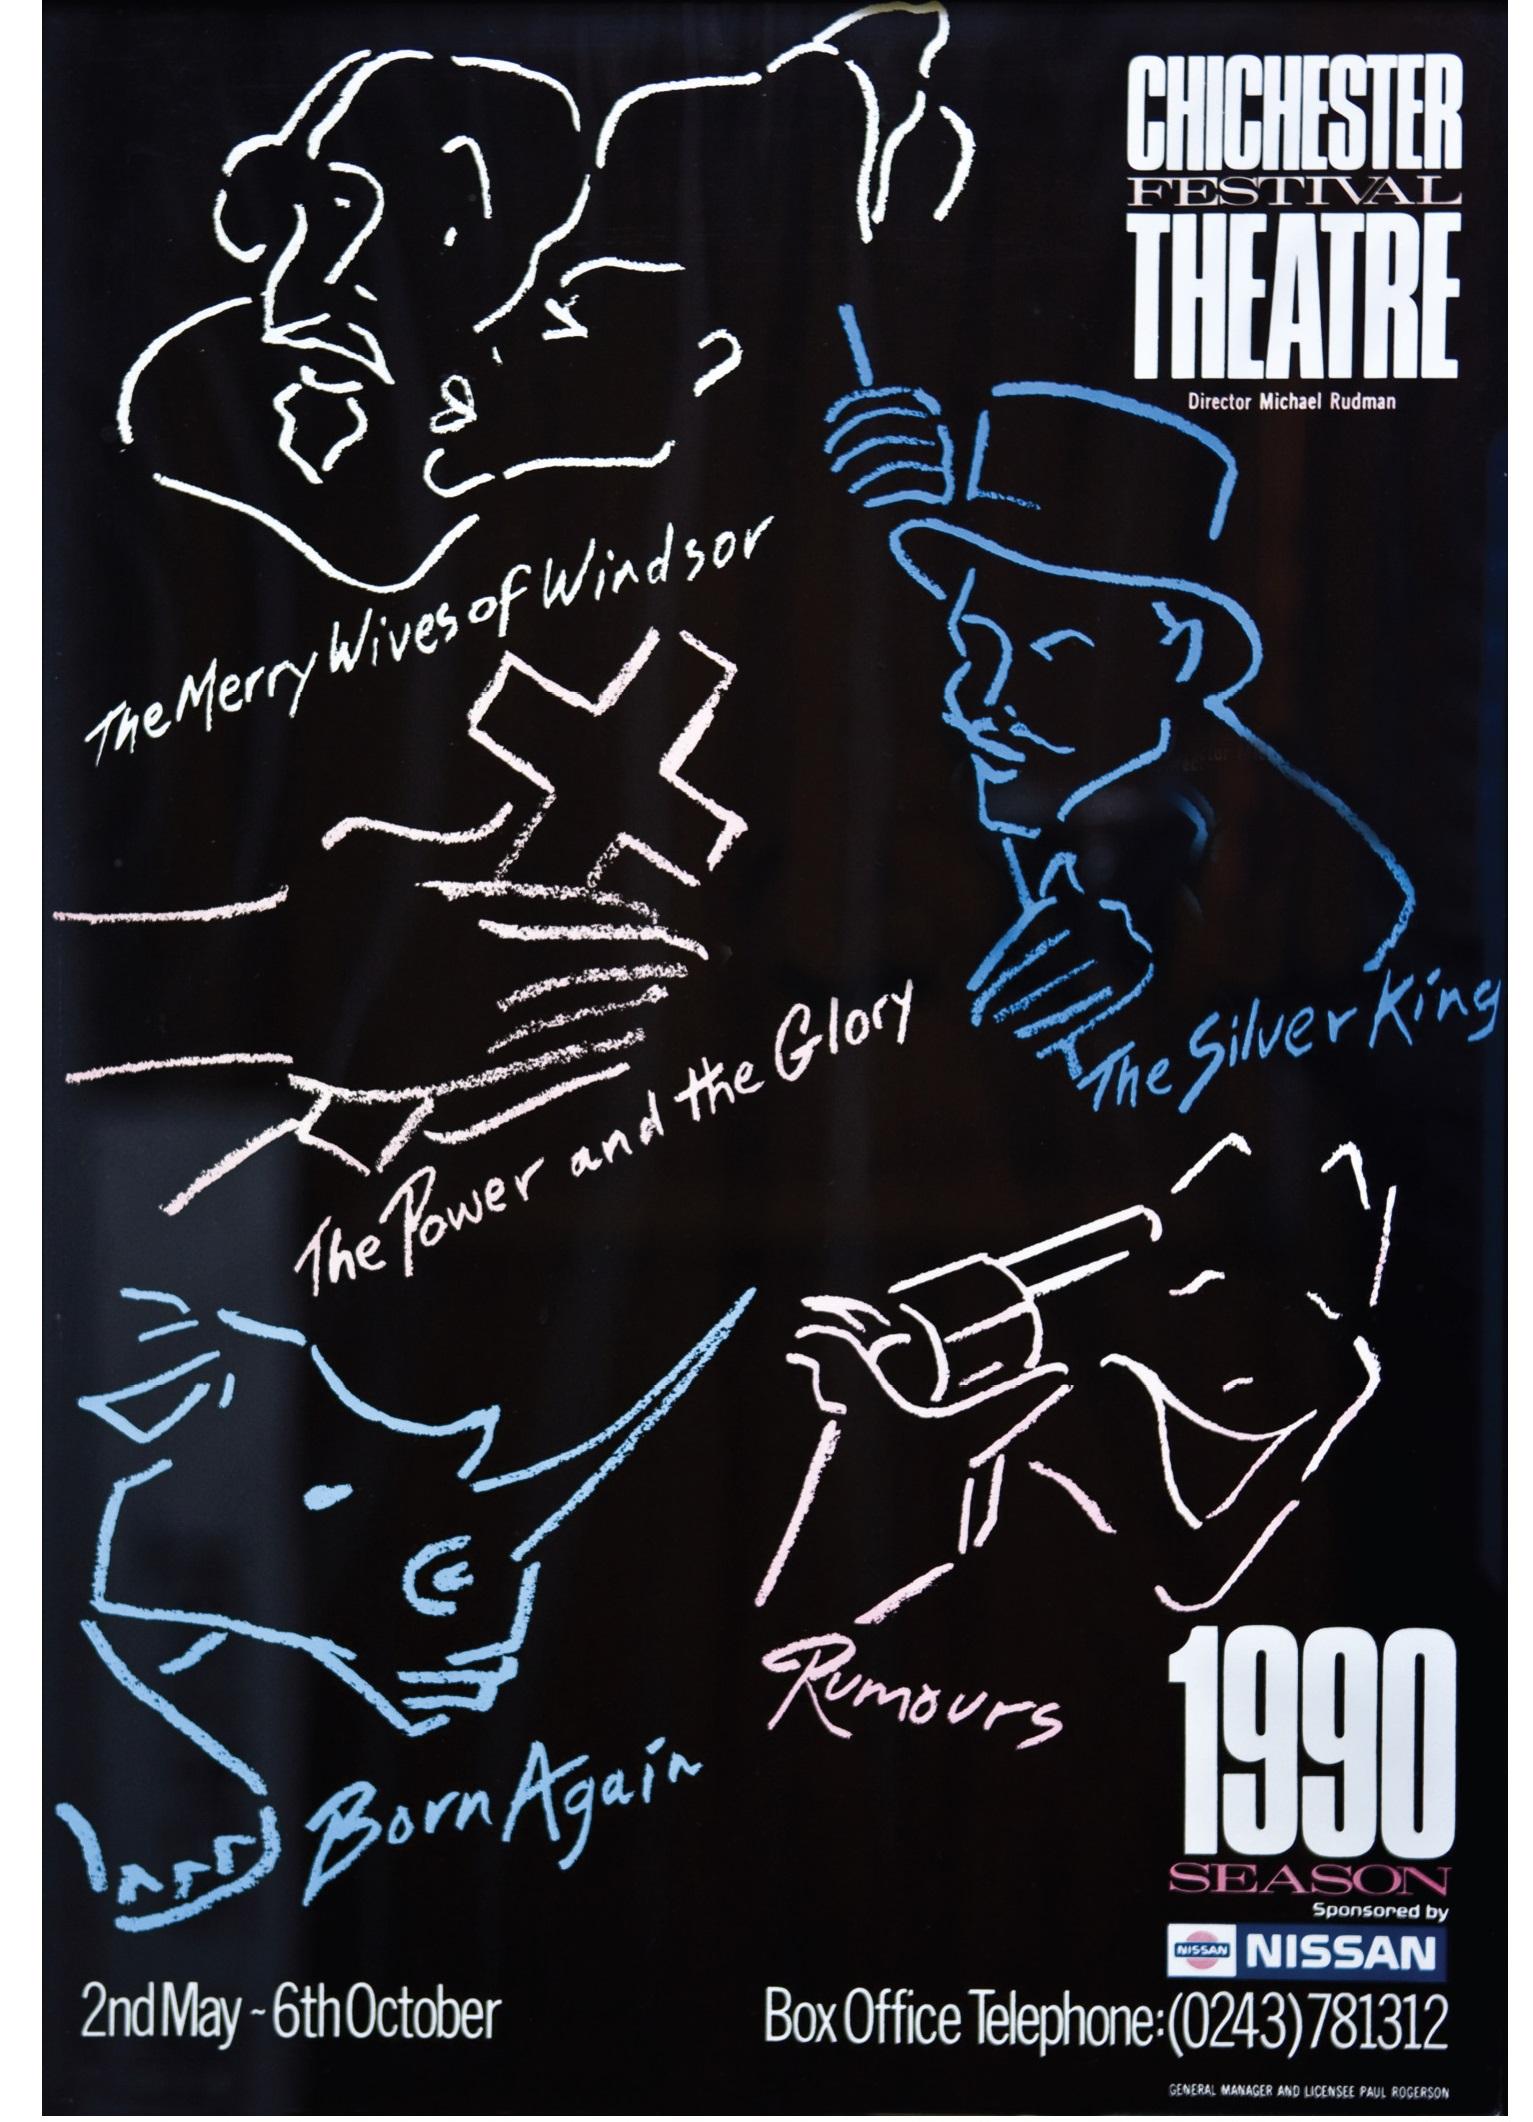 CFT 1990 Season Poster